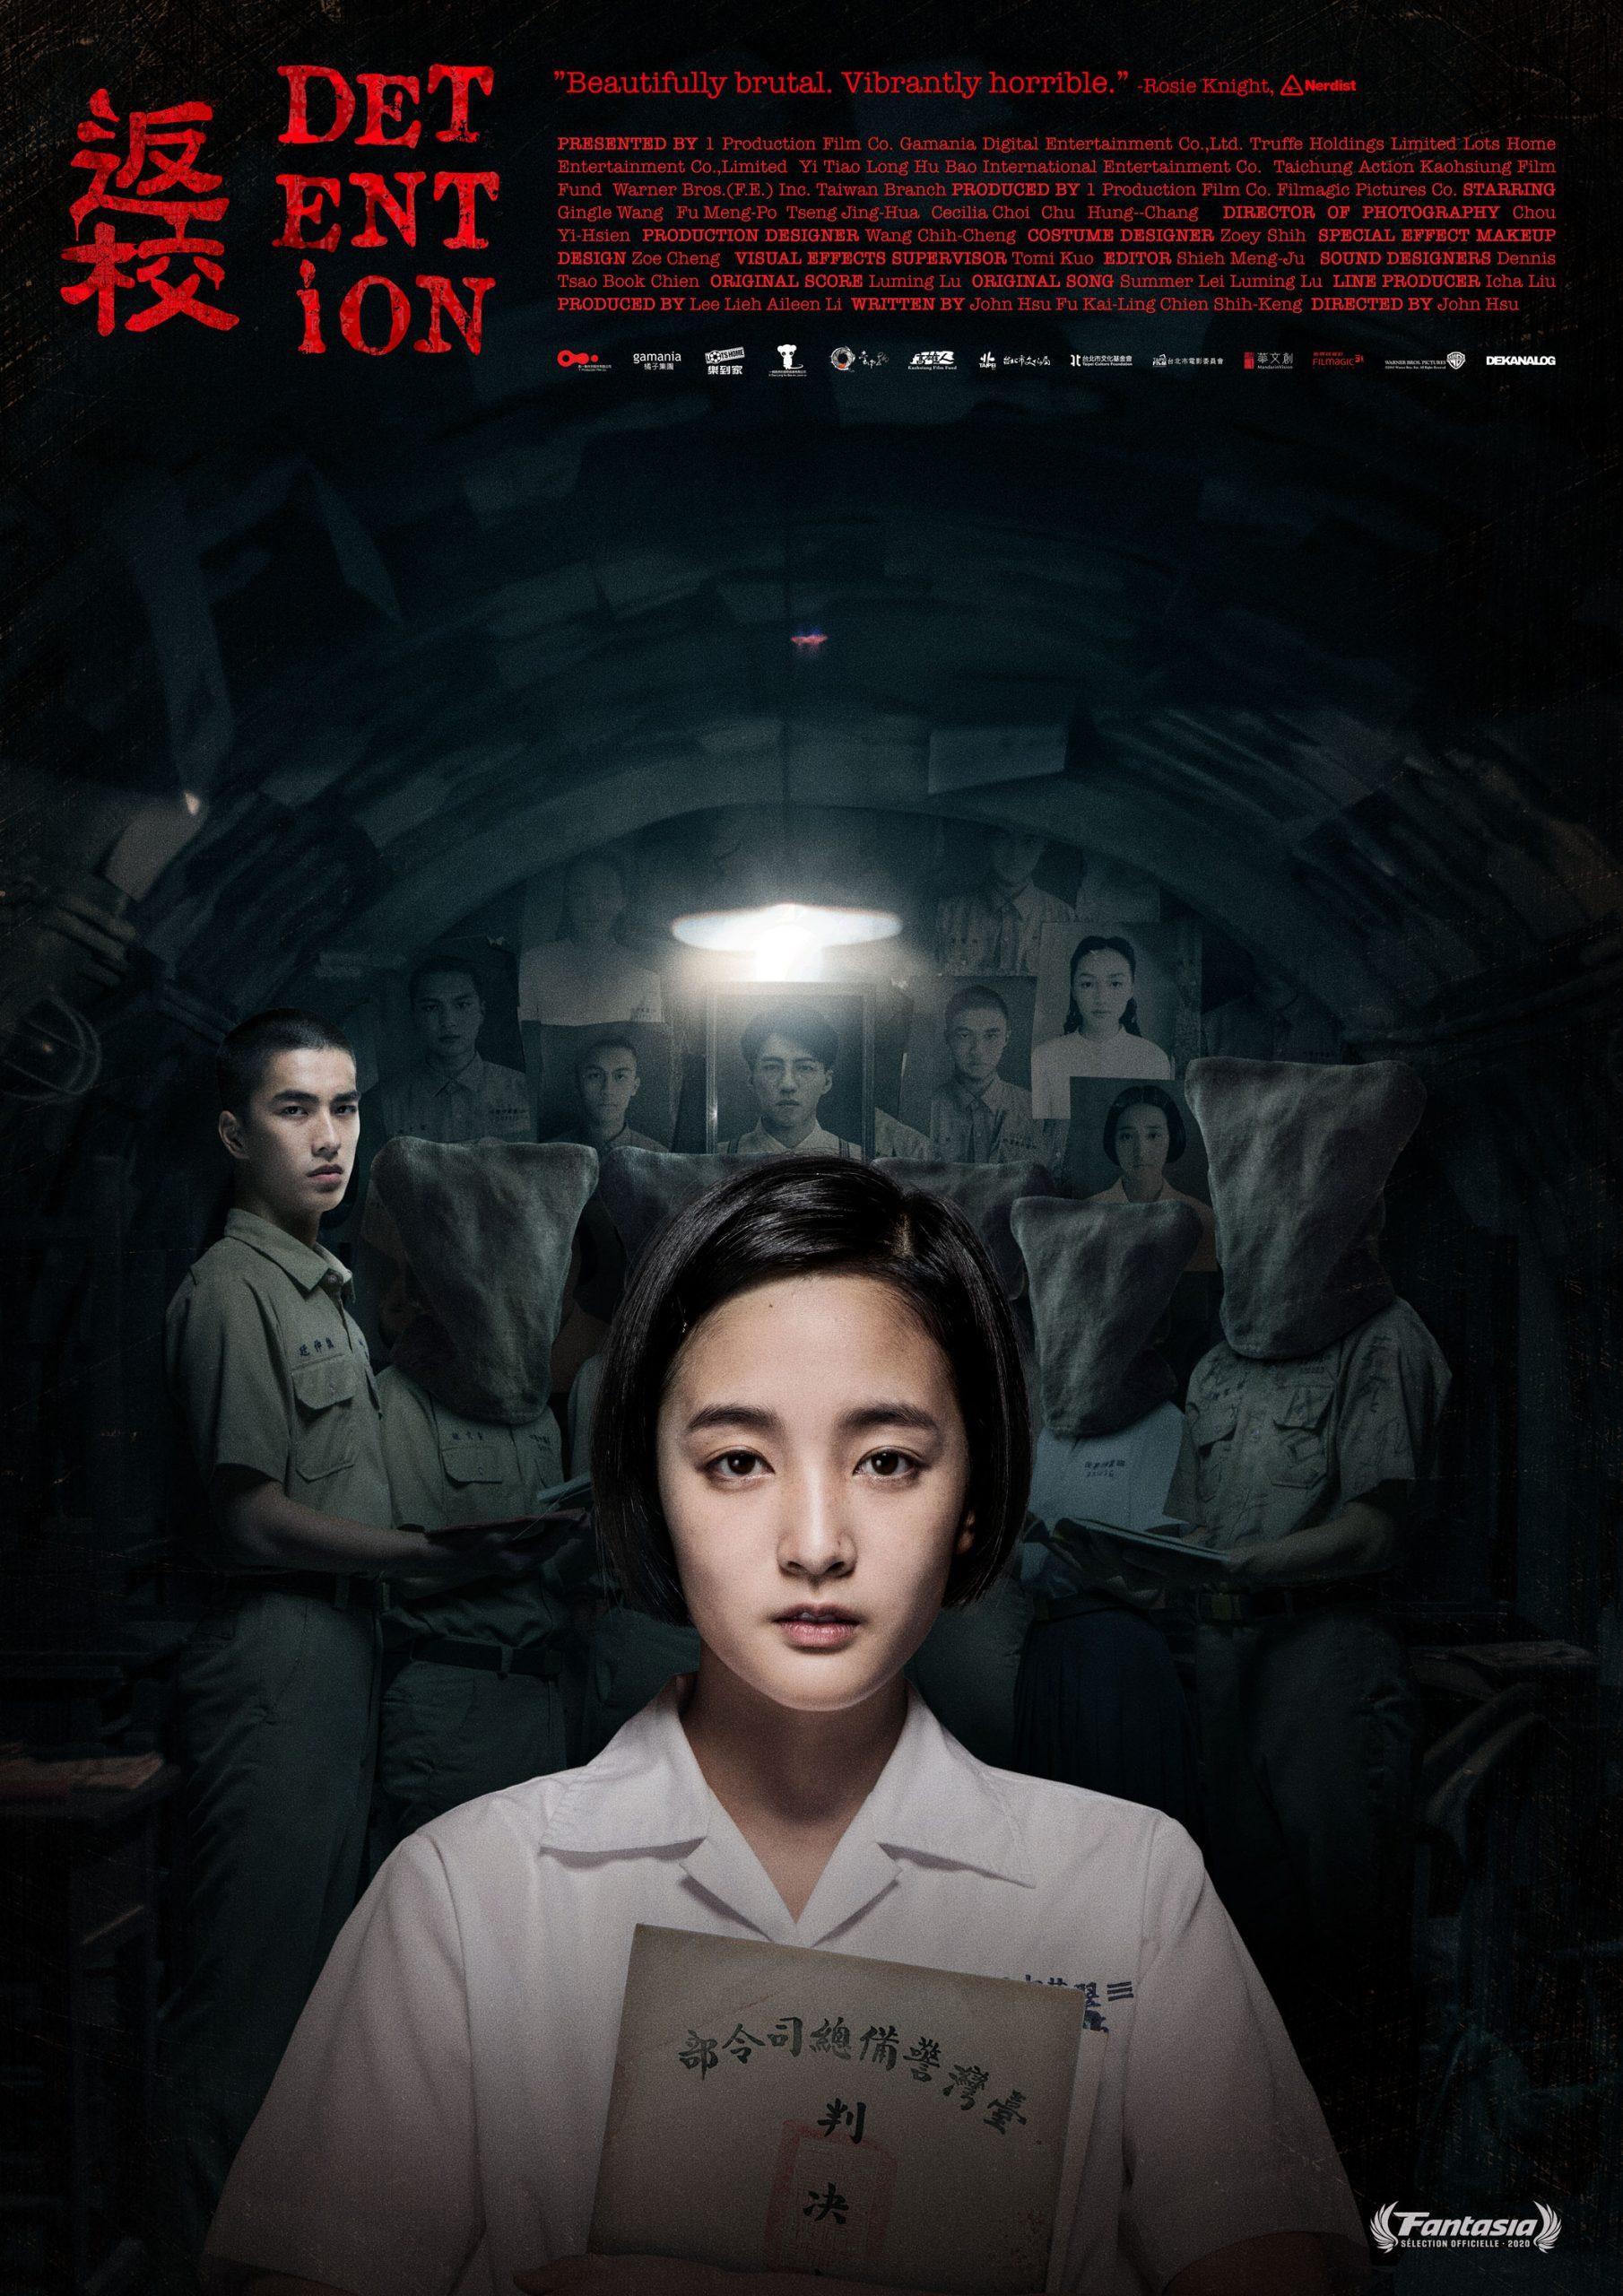 Poster for Detention